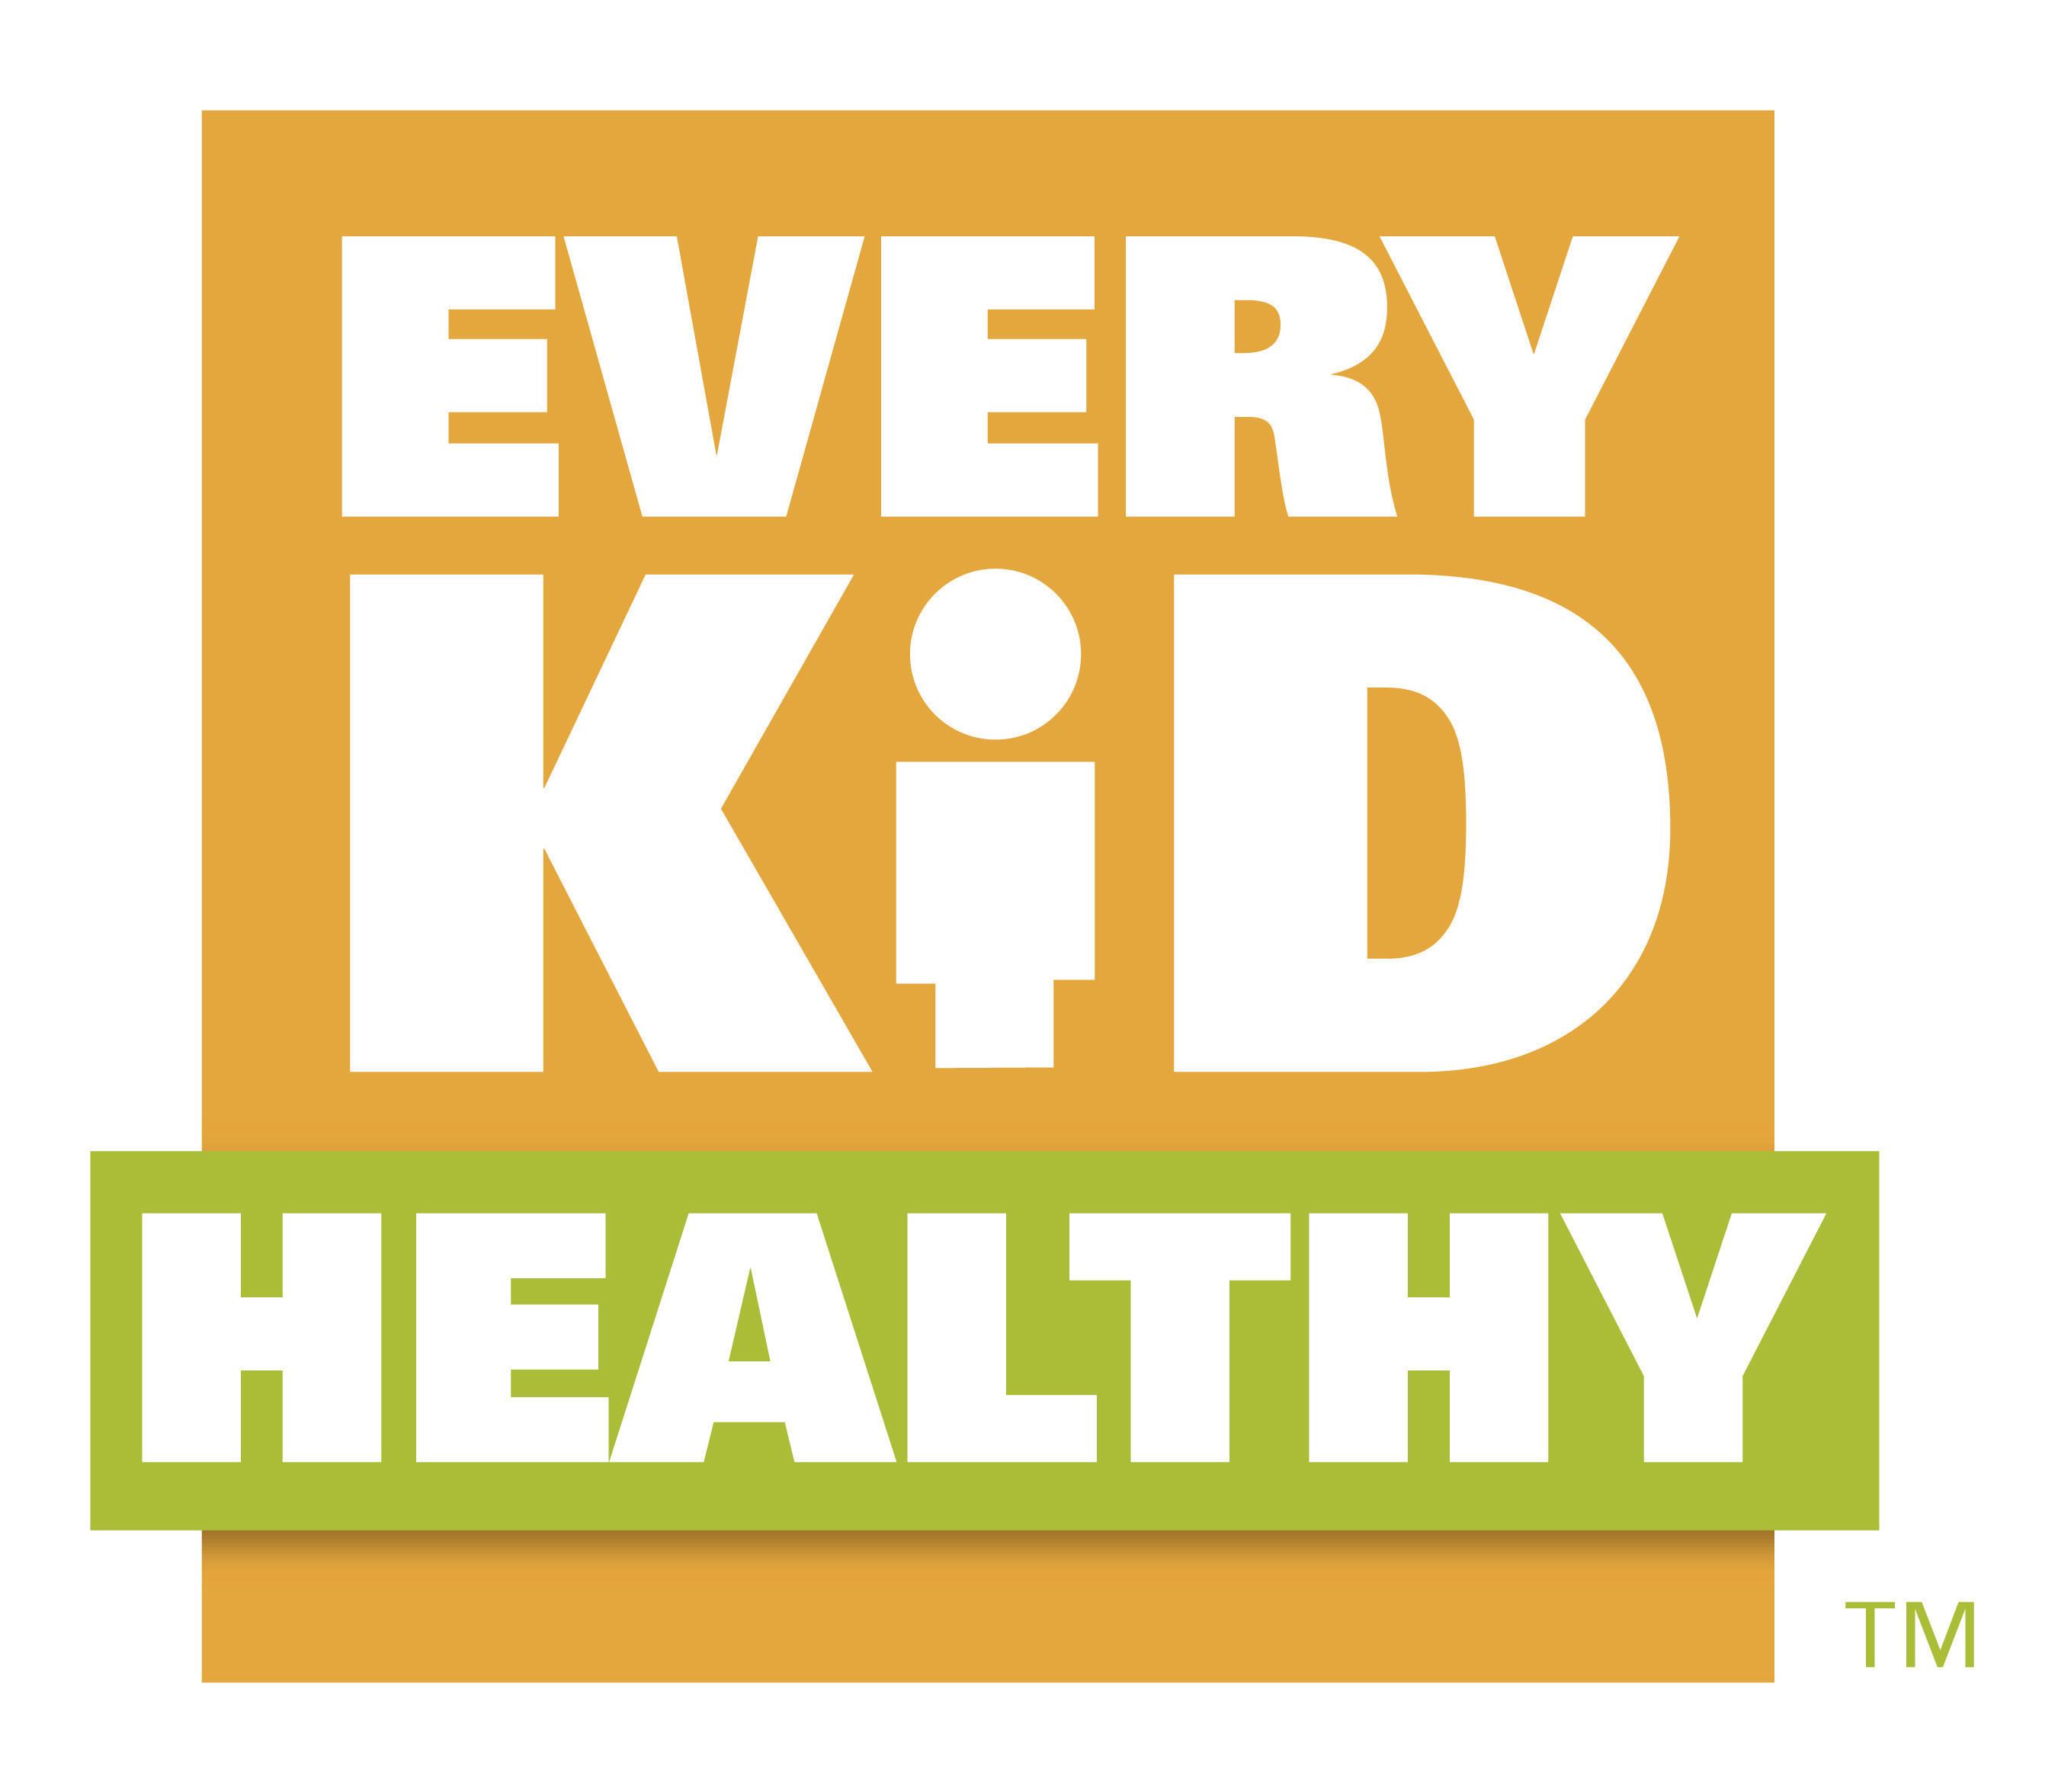 Every Kid Healthy Week, April 25-29, 2016